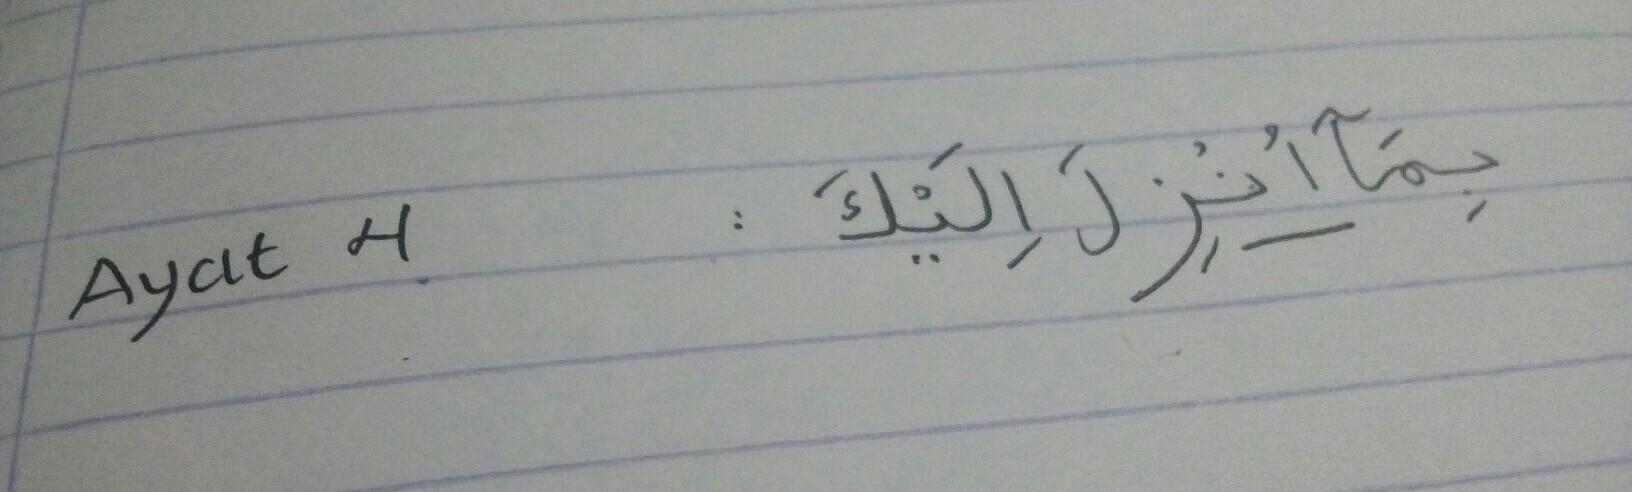 Contoh Bacaan Izhar Di Surah Al Baqarah Pliss Jawaban Nya Brainly